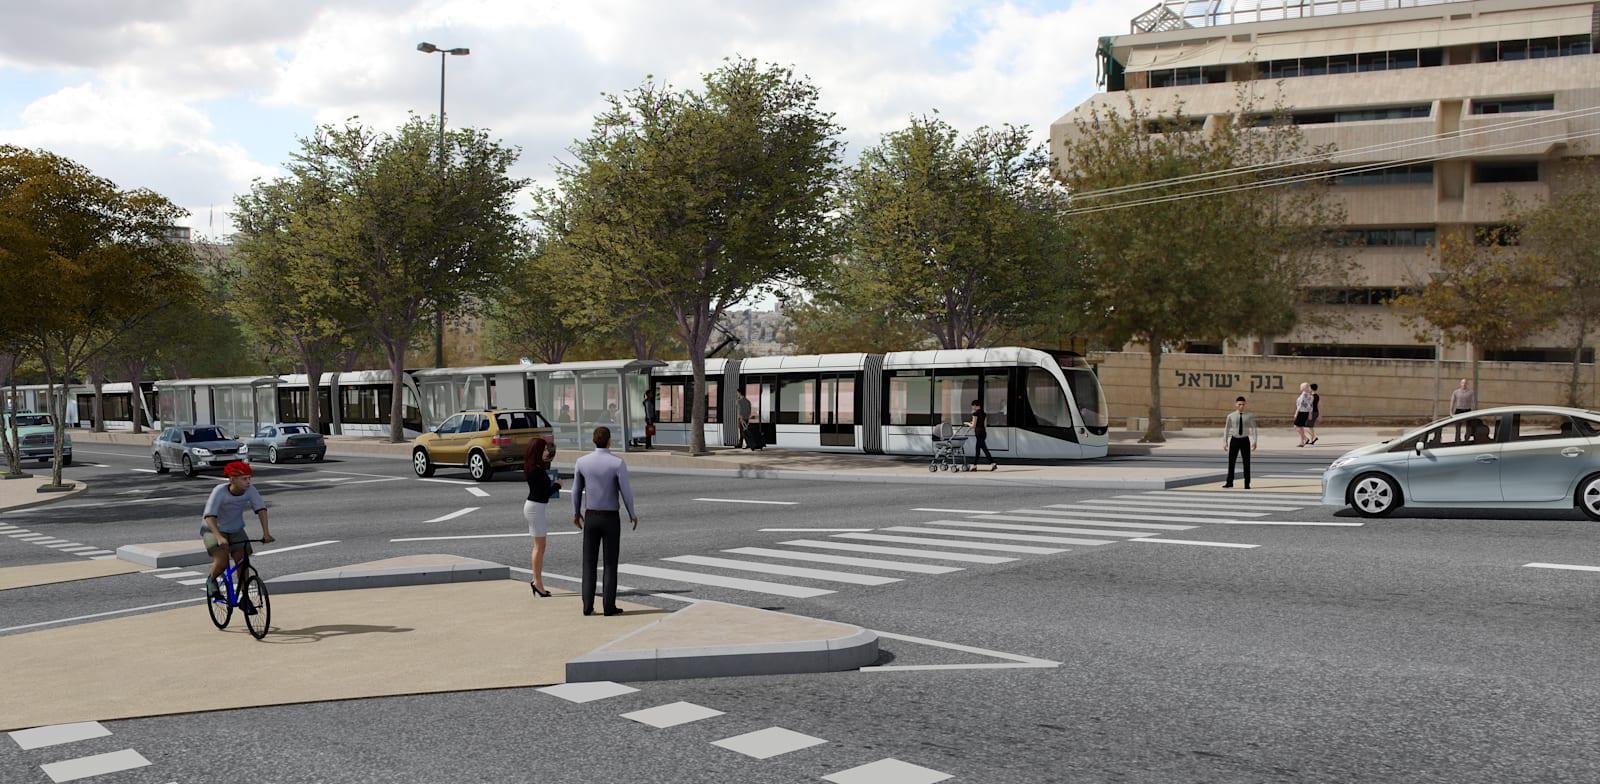 הקו הזהוב / הדמיה: תוכנית אב לתחבורה ירושלים.